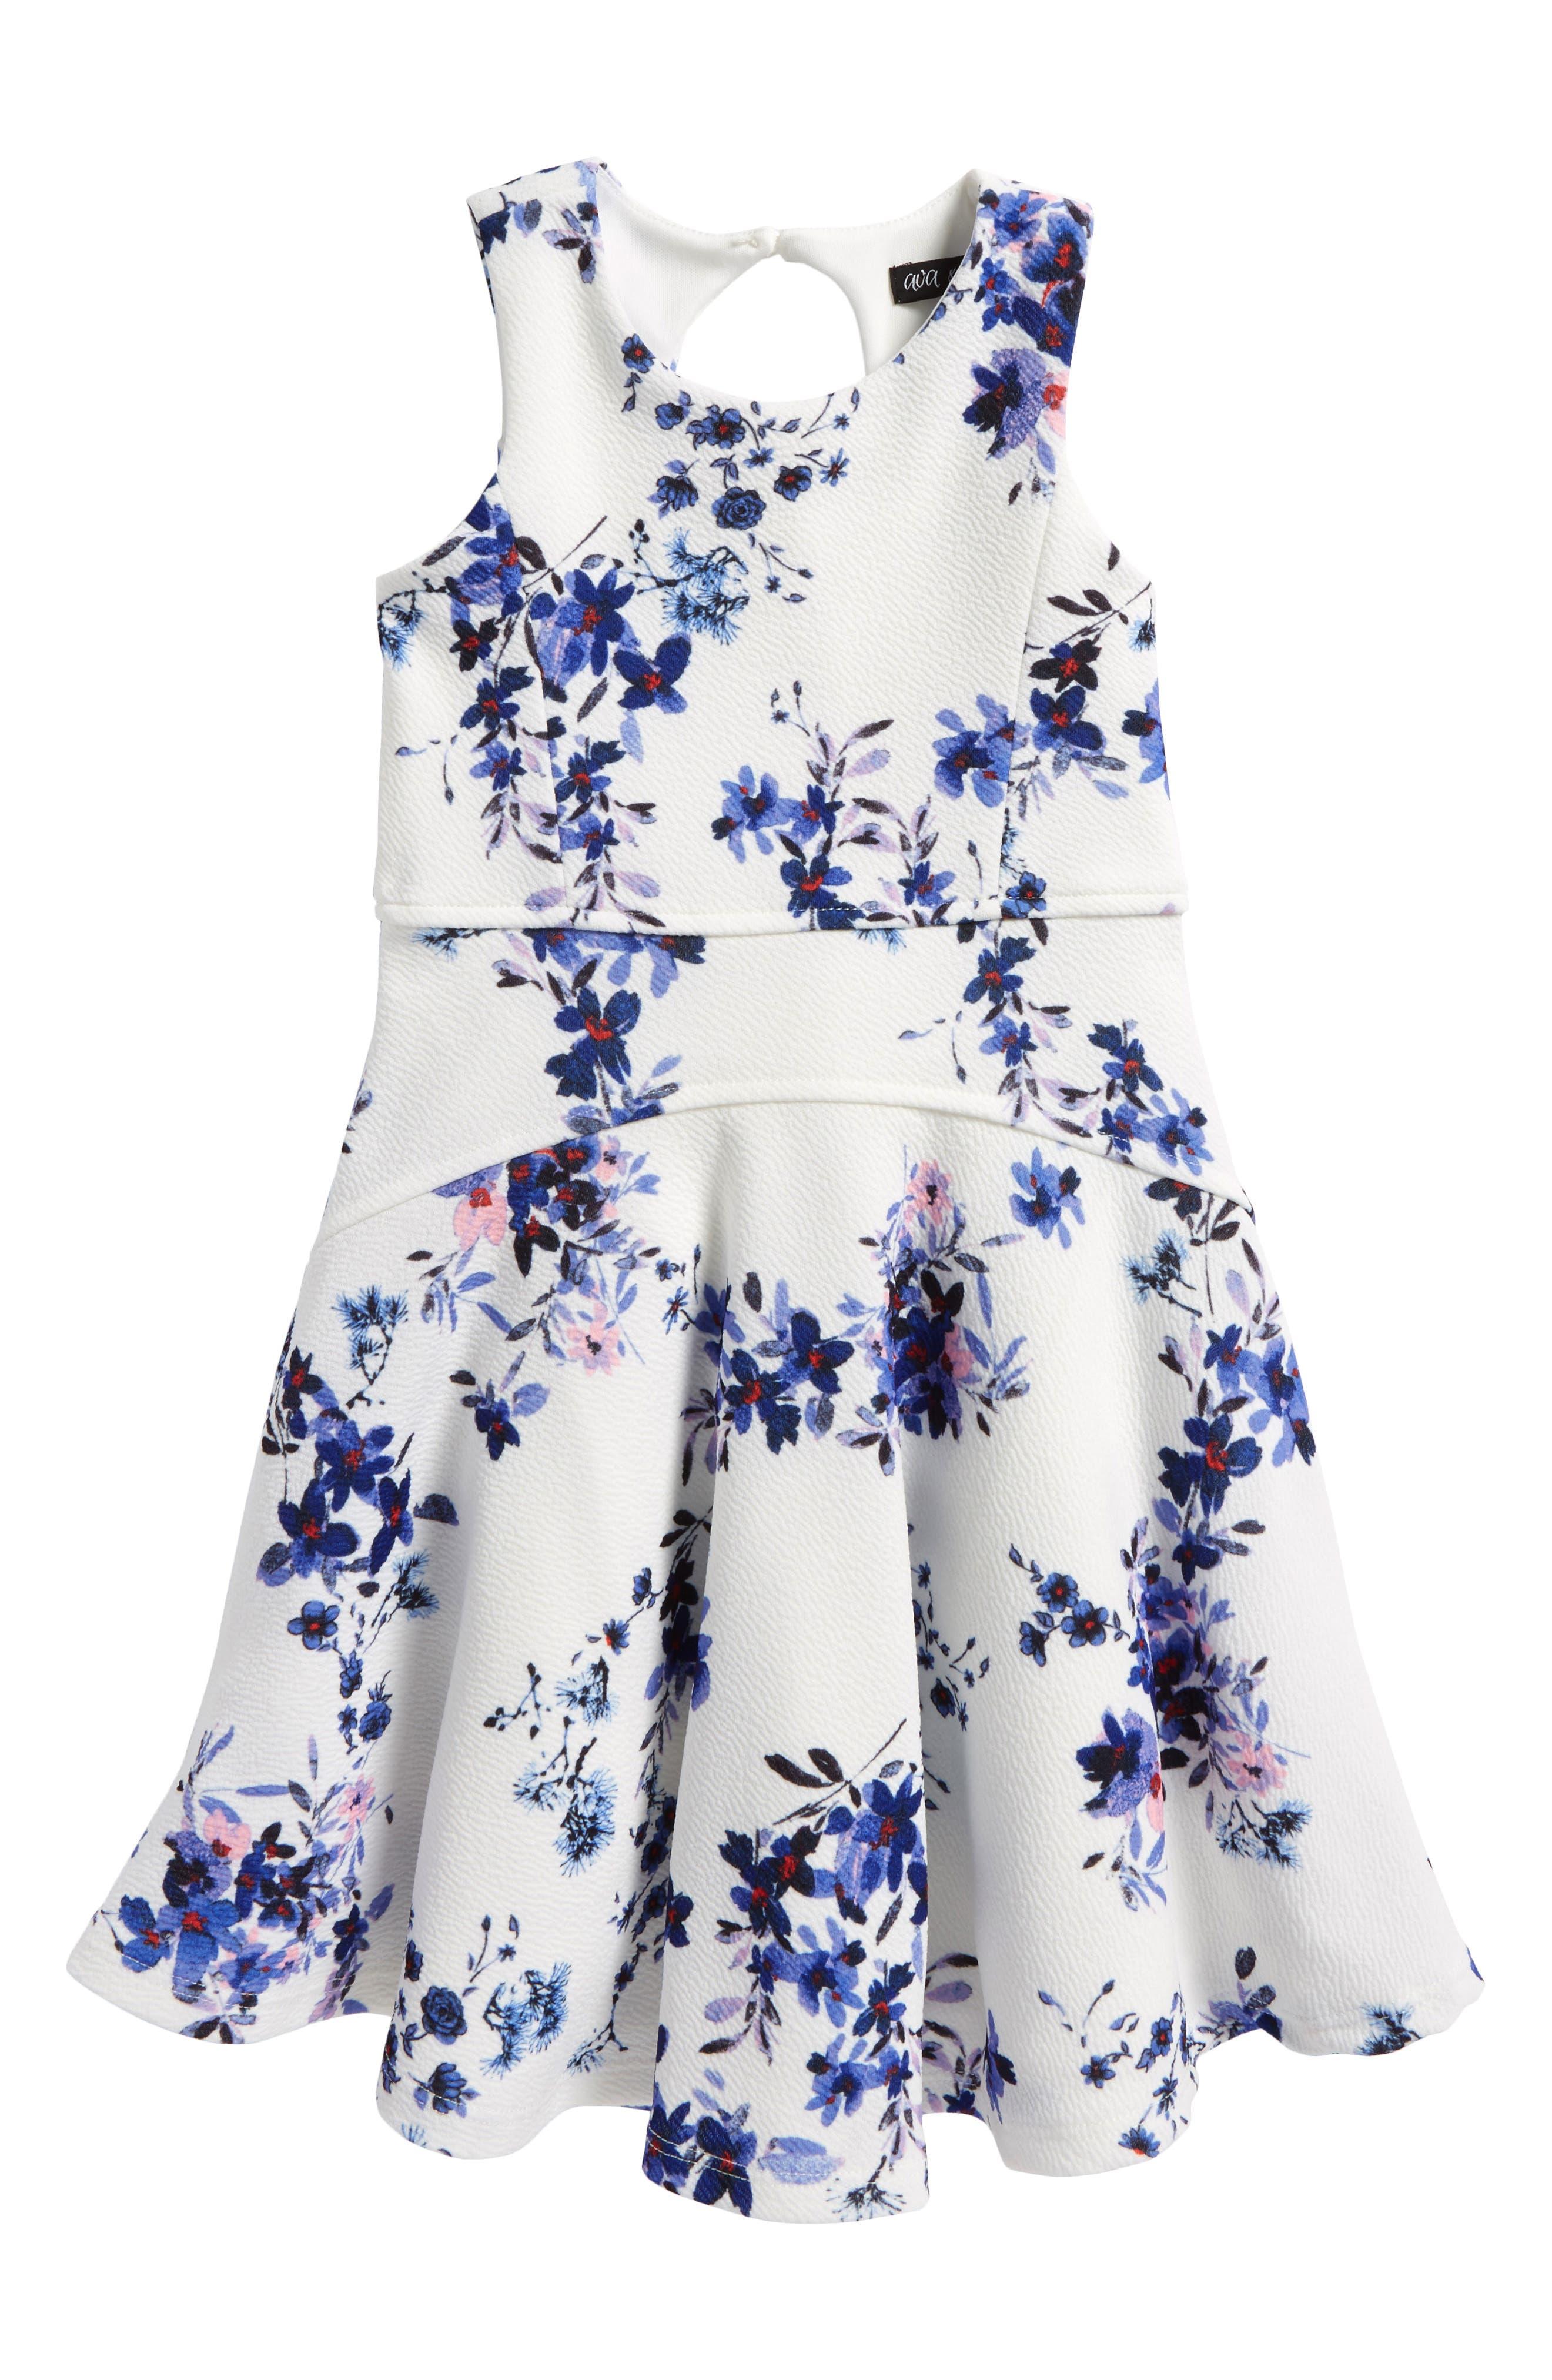 Alternate Image 1 Selected - Ava & Yelly Floral Print Skater Dress (Toddler Girls & Little Girls)